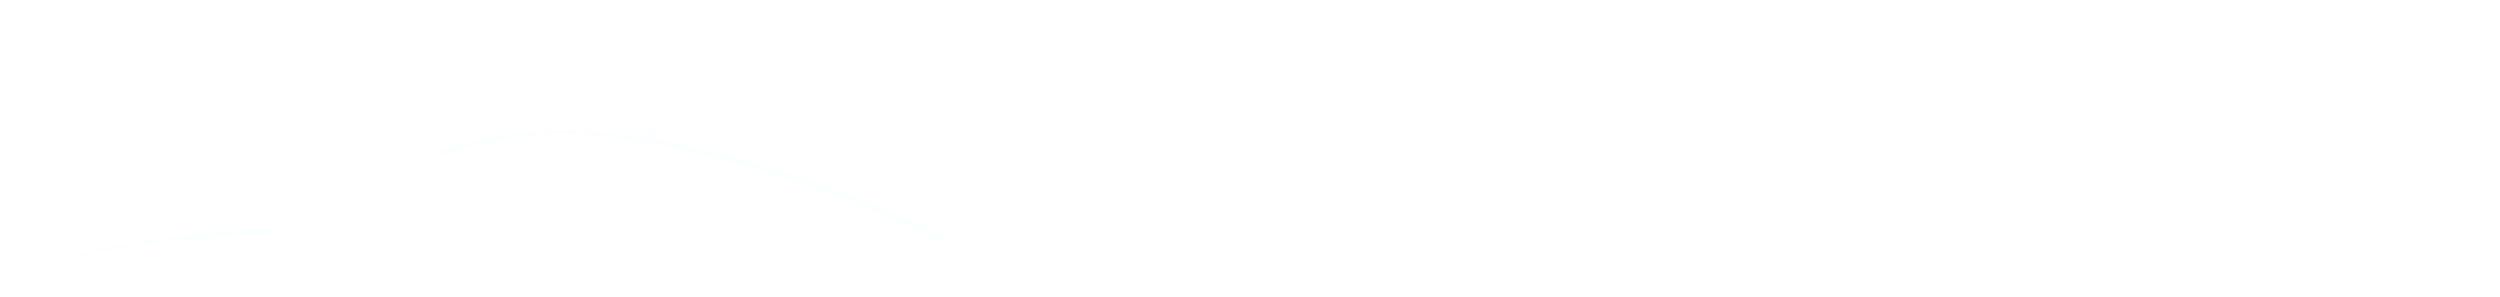 pmclassic.com